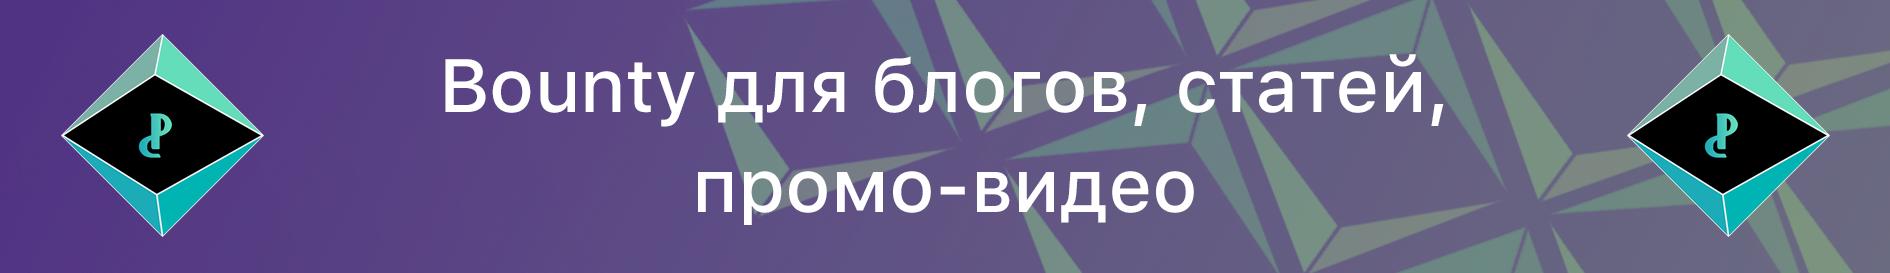 ip.bitcointalk4.org.png